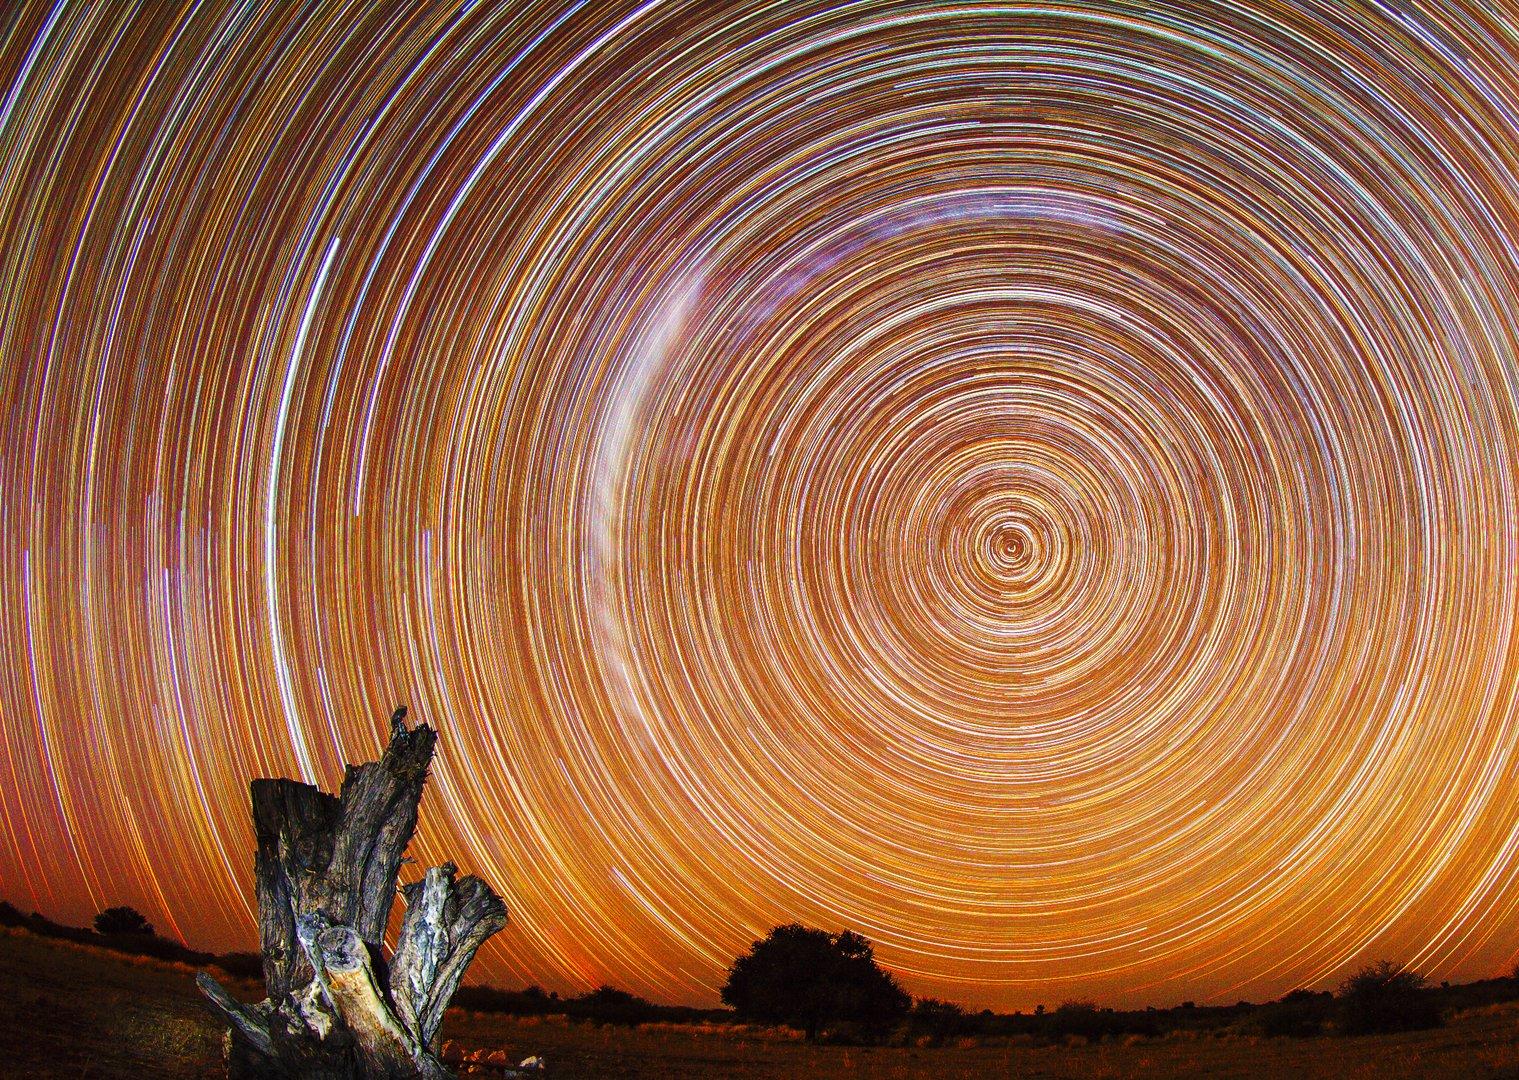 Eine Nacht in der Wüste